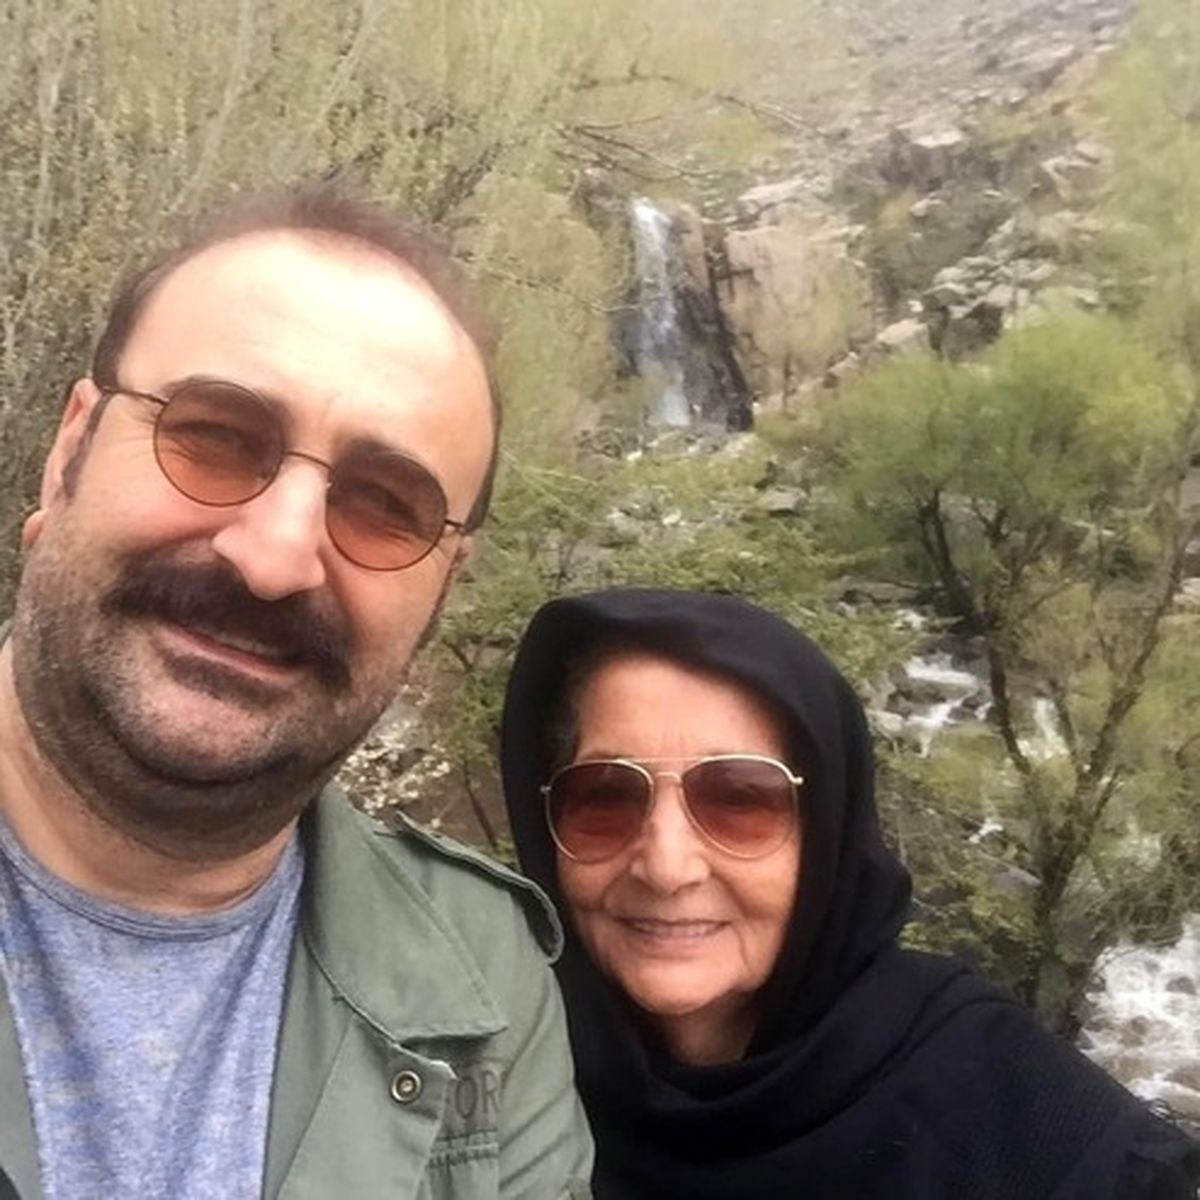 سلفی بهبودِ سریال «پایتخت» با مادرش +عکس